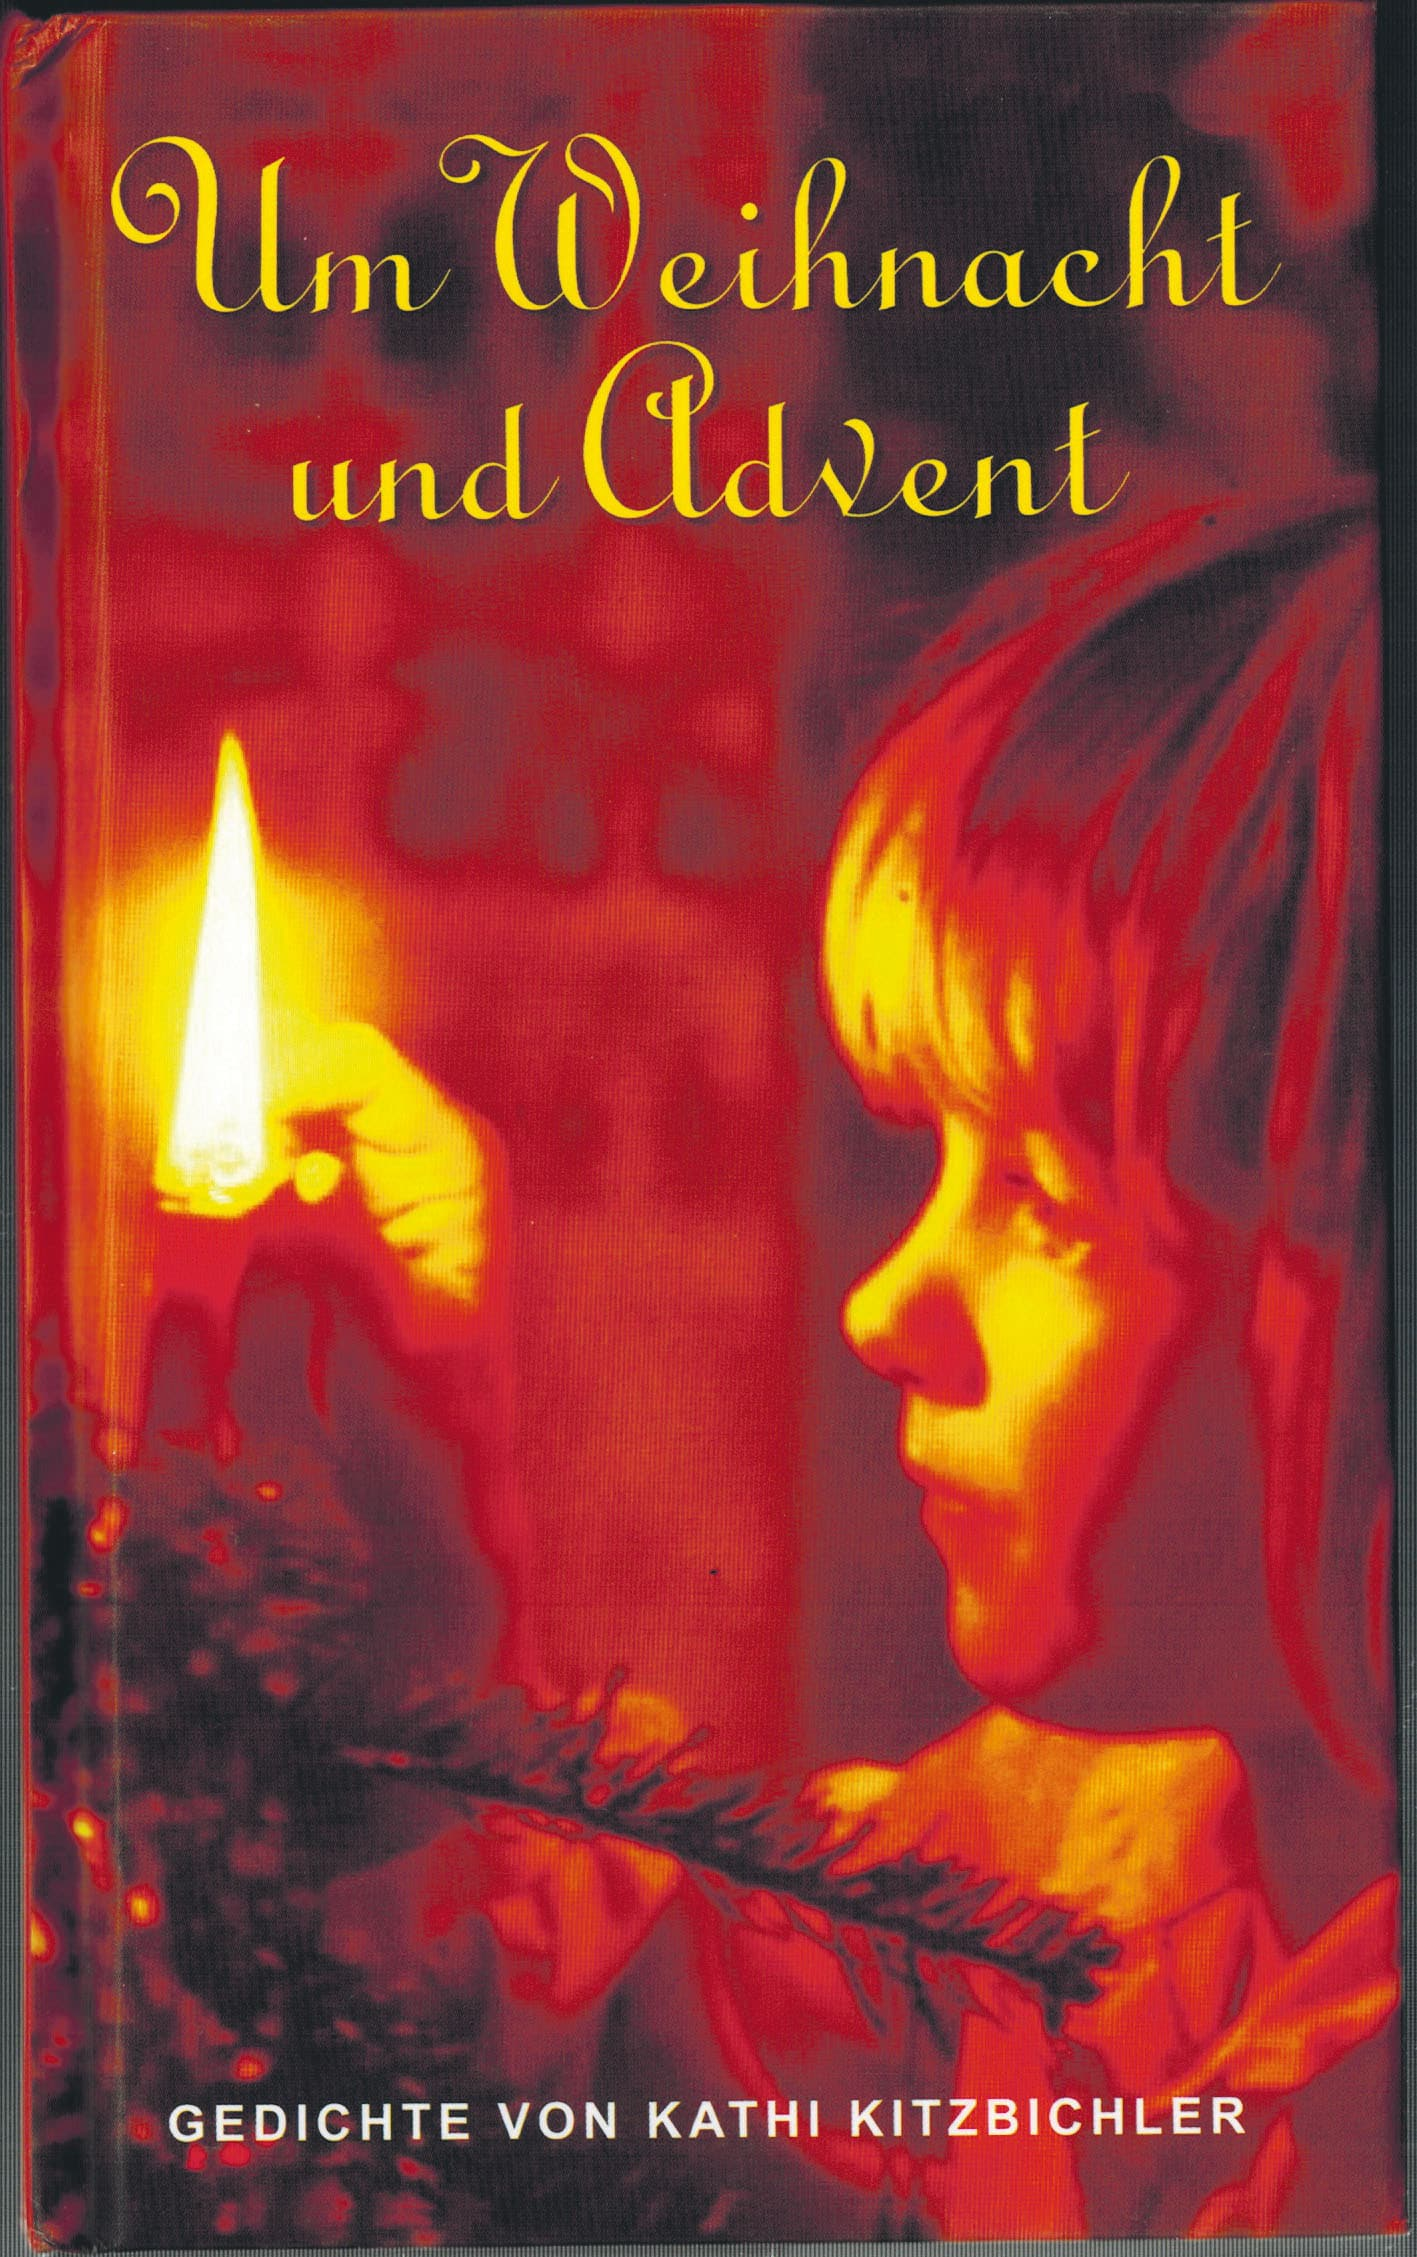 Weihnachten Gedichte.Gedichte Für Weihnachten Und Advent Bauernzeitung